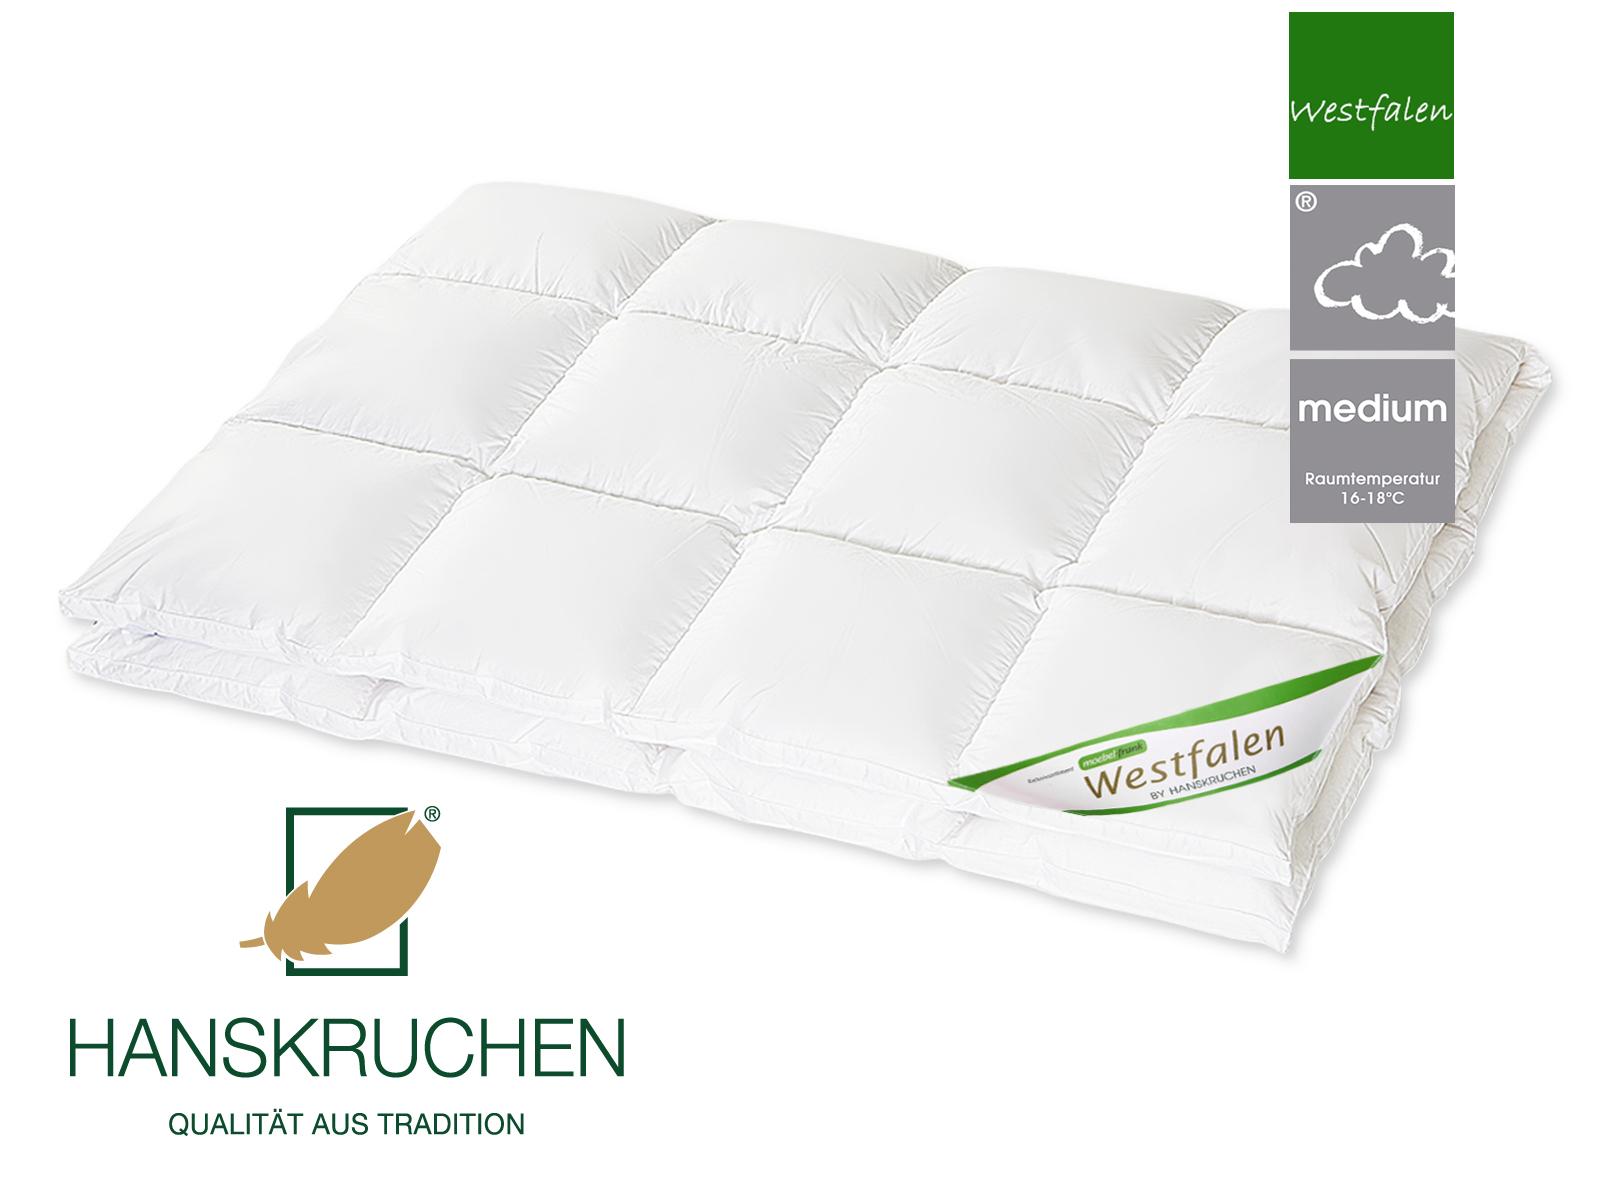 Daunenbettdecke 90% neue Landdaunen Westfalen Baumwolle Grüne Gans HANSKRUCHEN – Bild 4